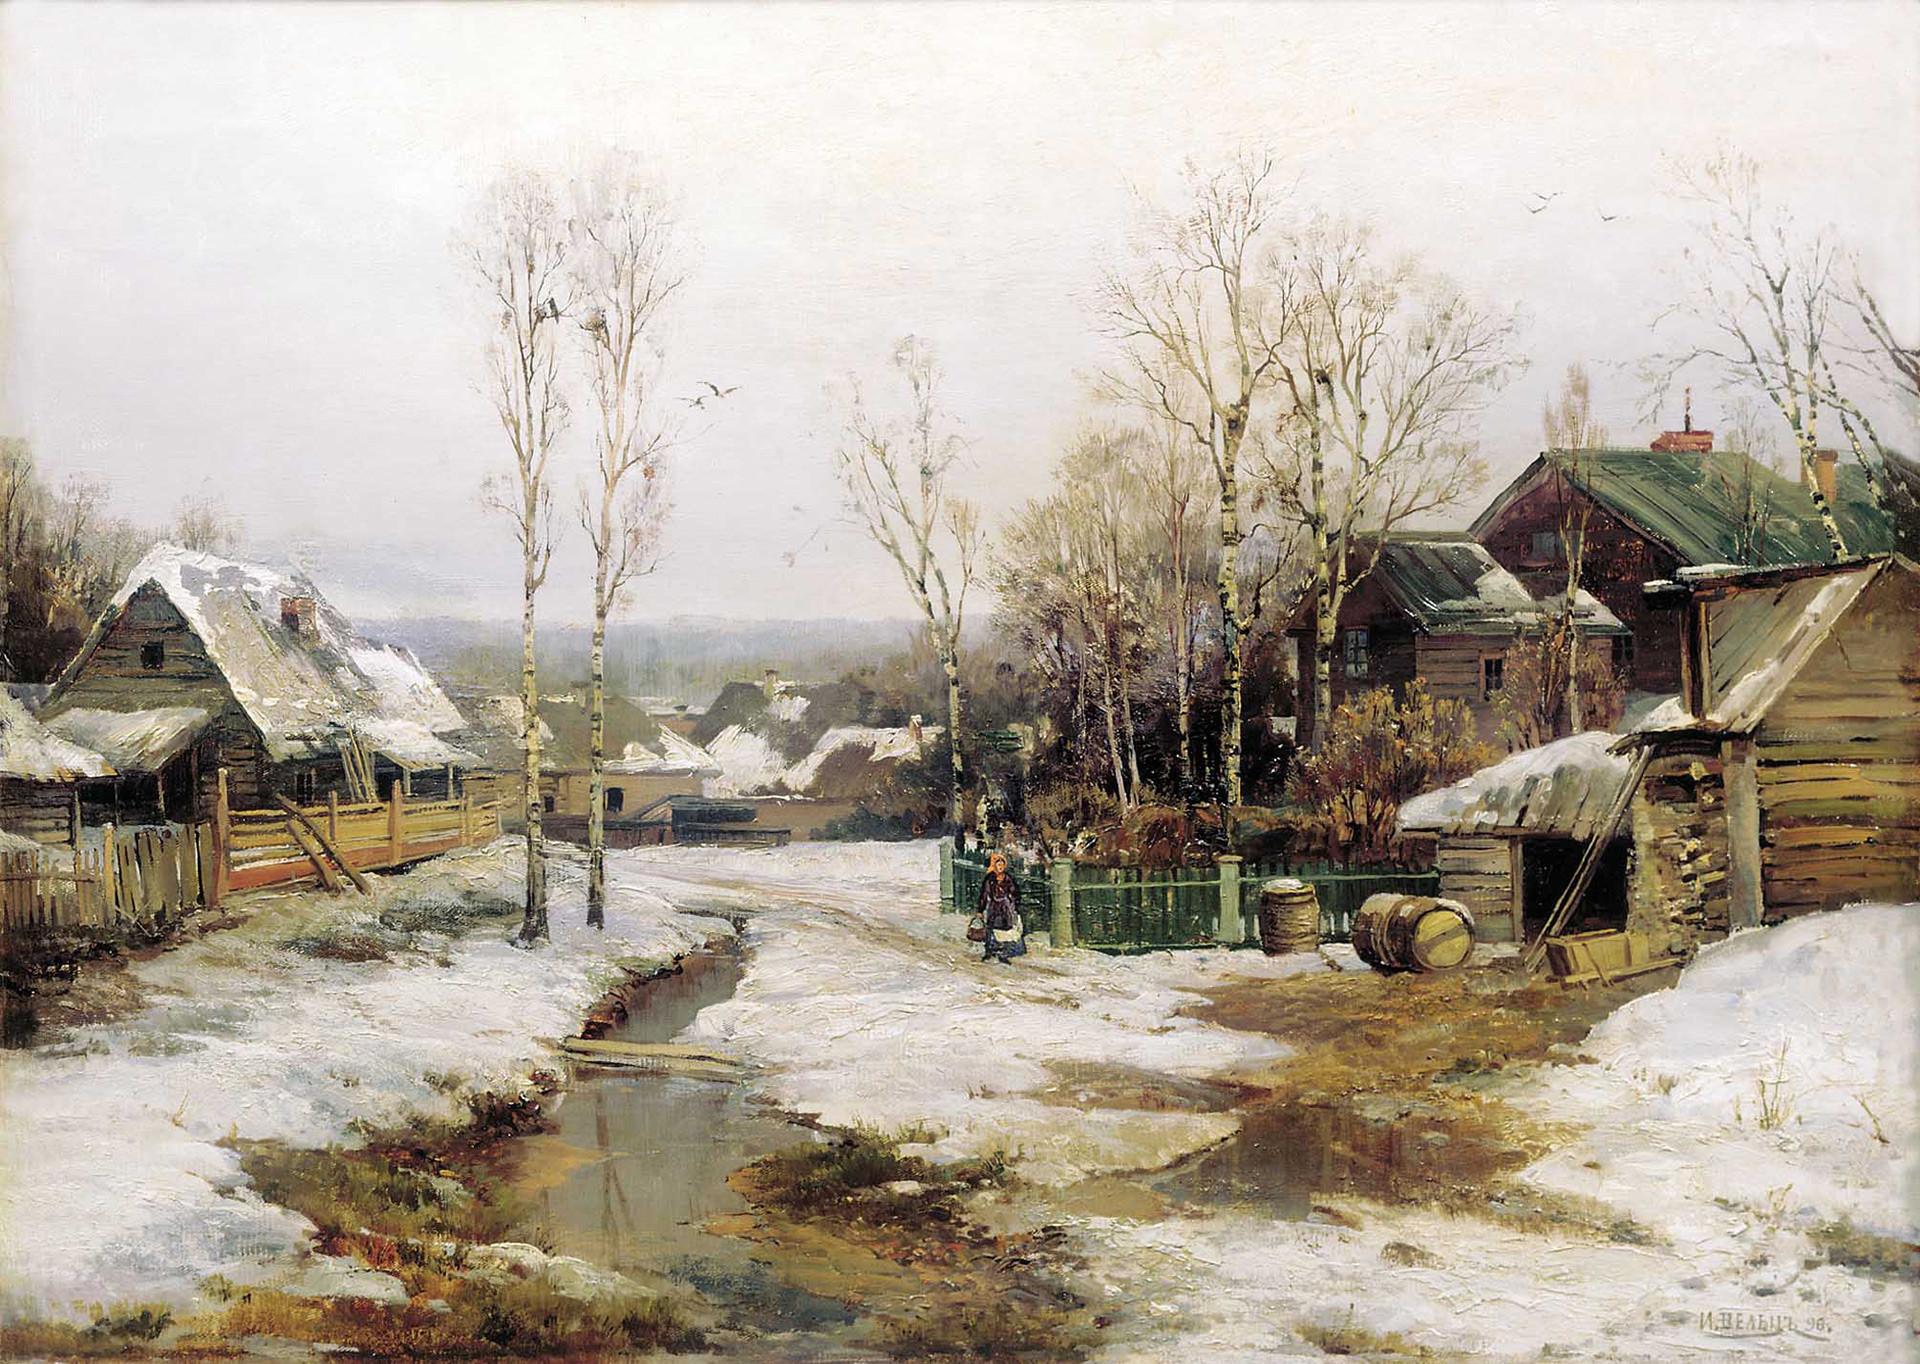 Pomlad v okolici Sankt Peterburga, 1896, Ivan Welz